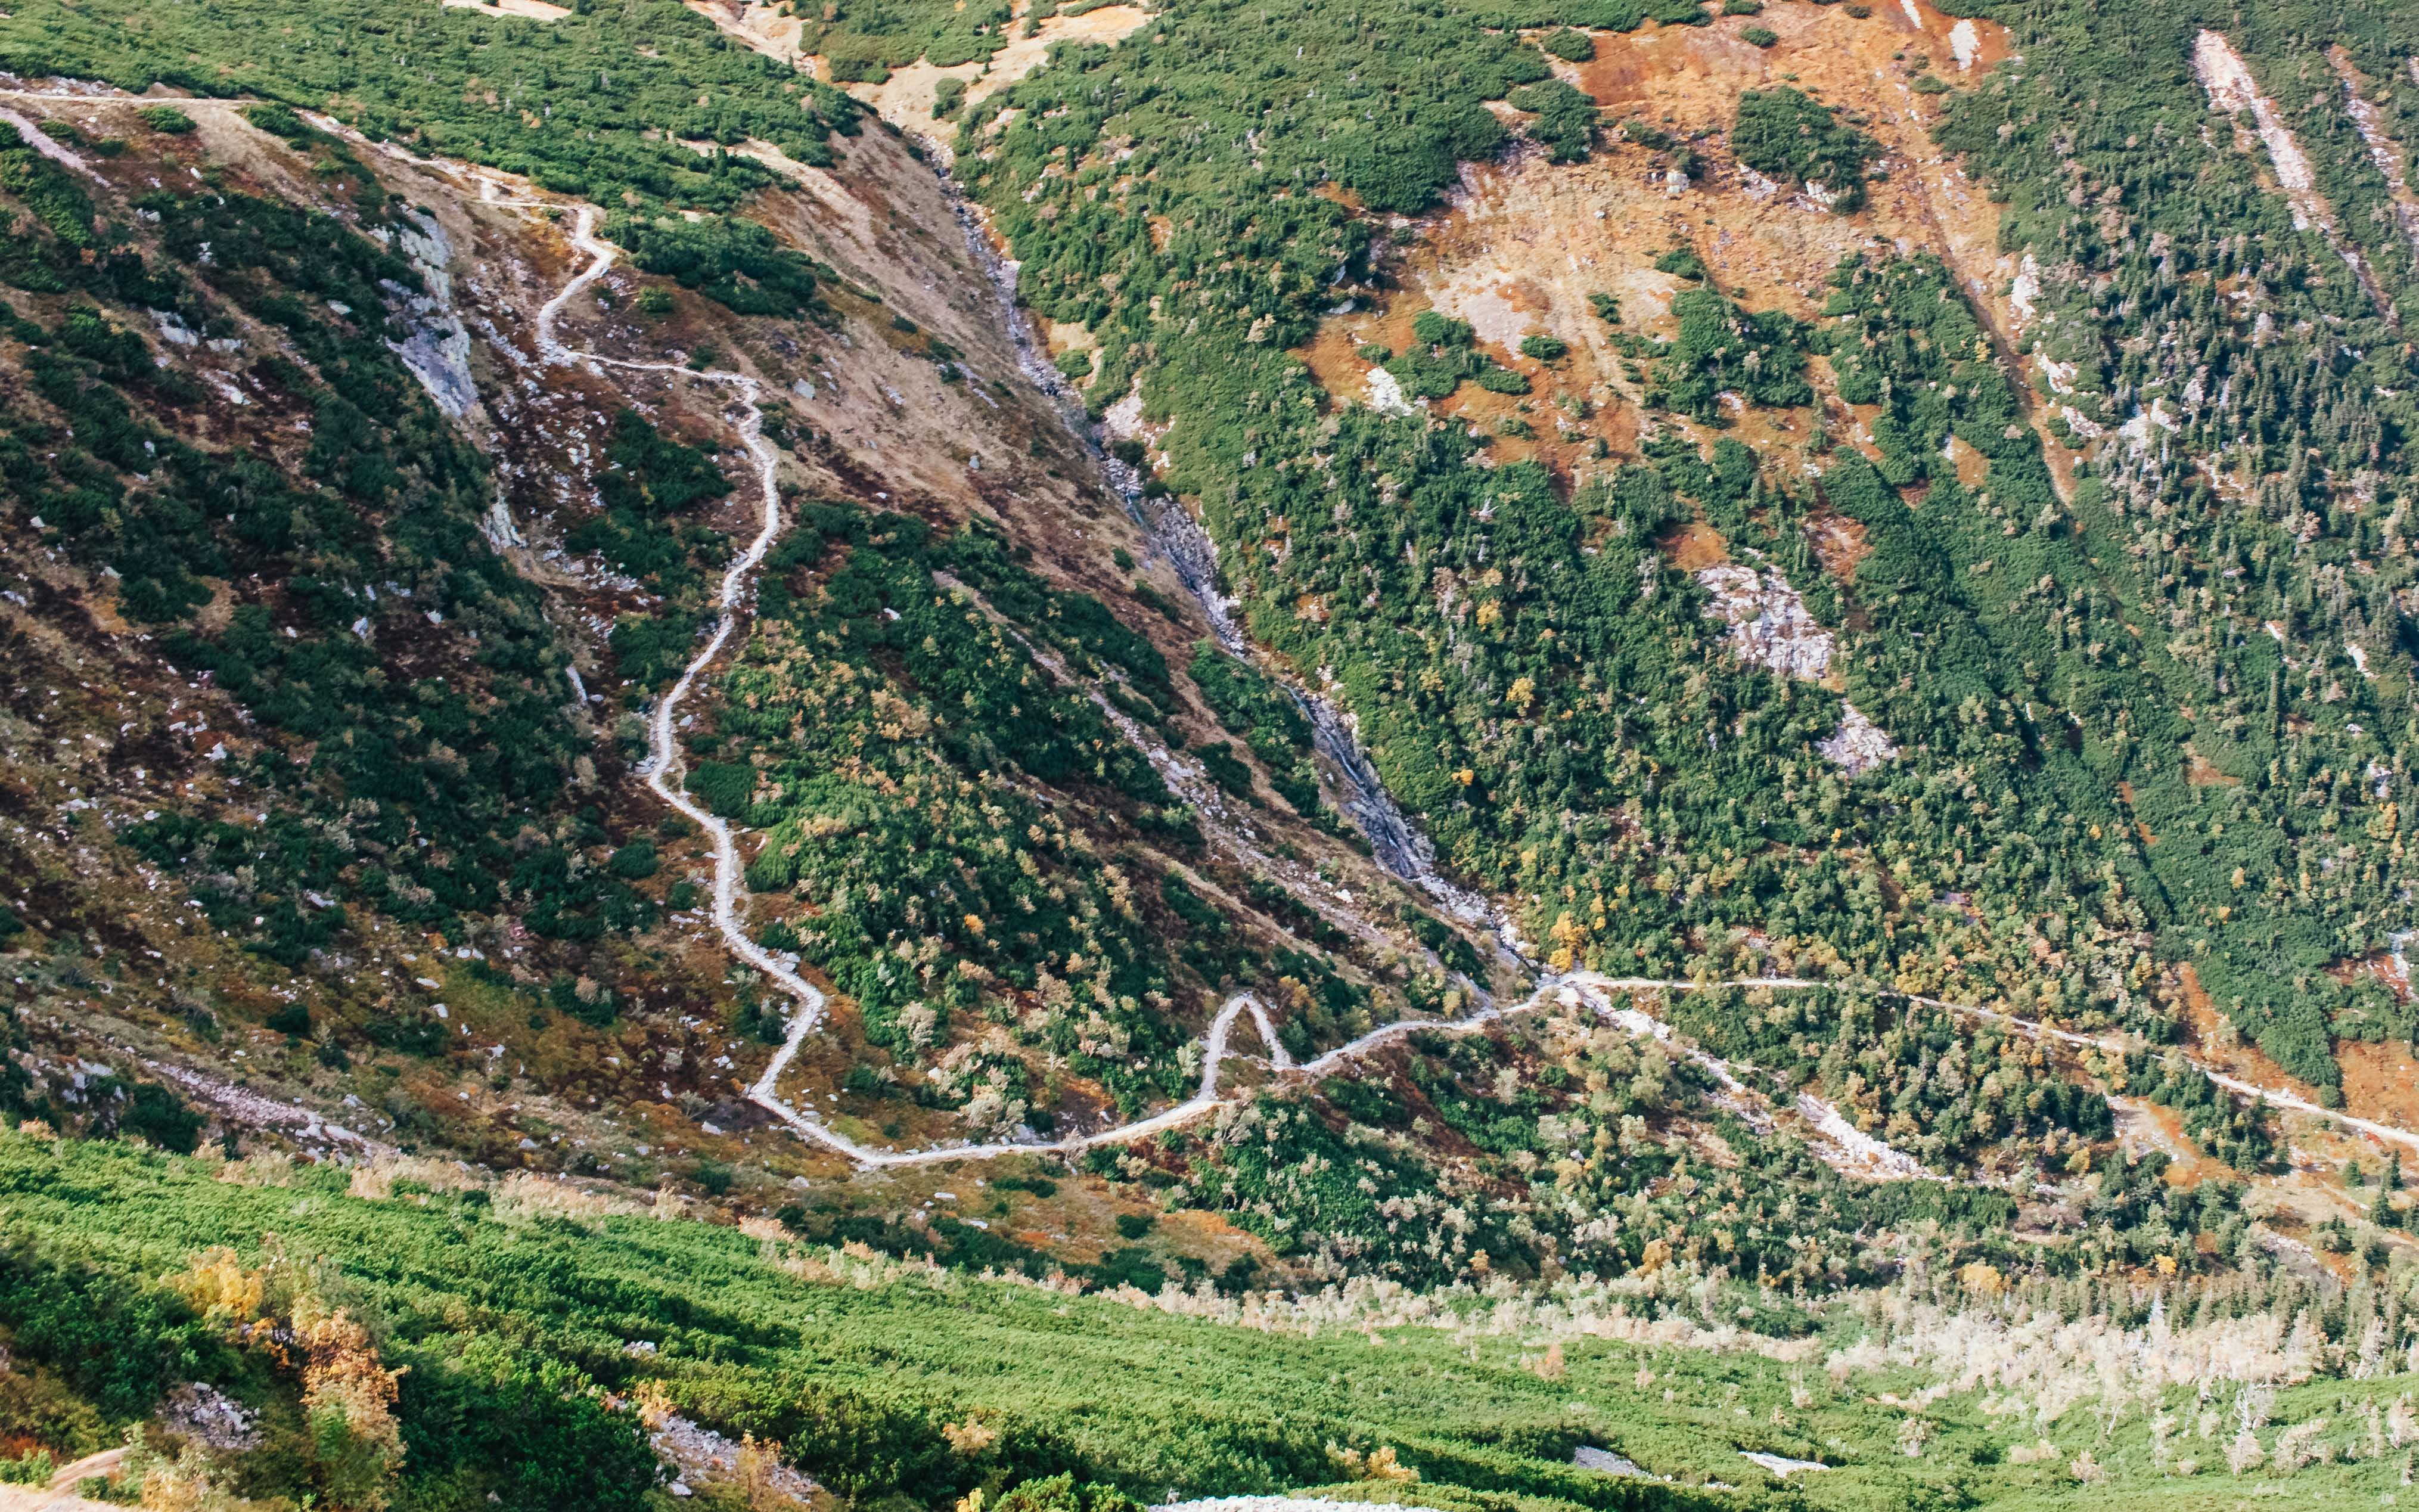 경치, 산, 오솔길, 자연의 무료 스톡 사진